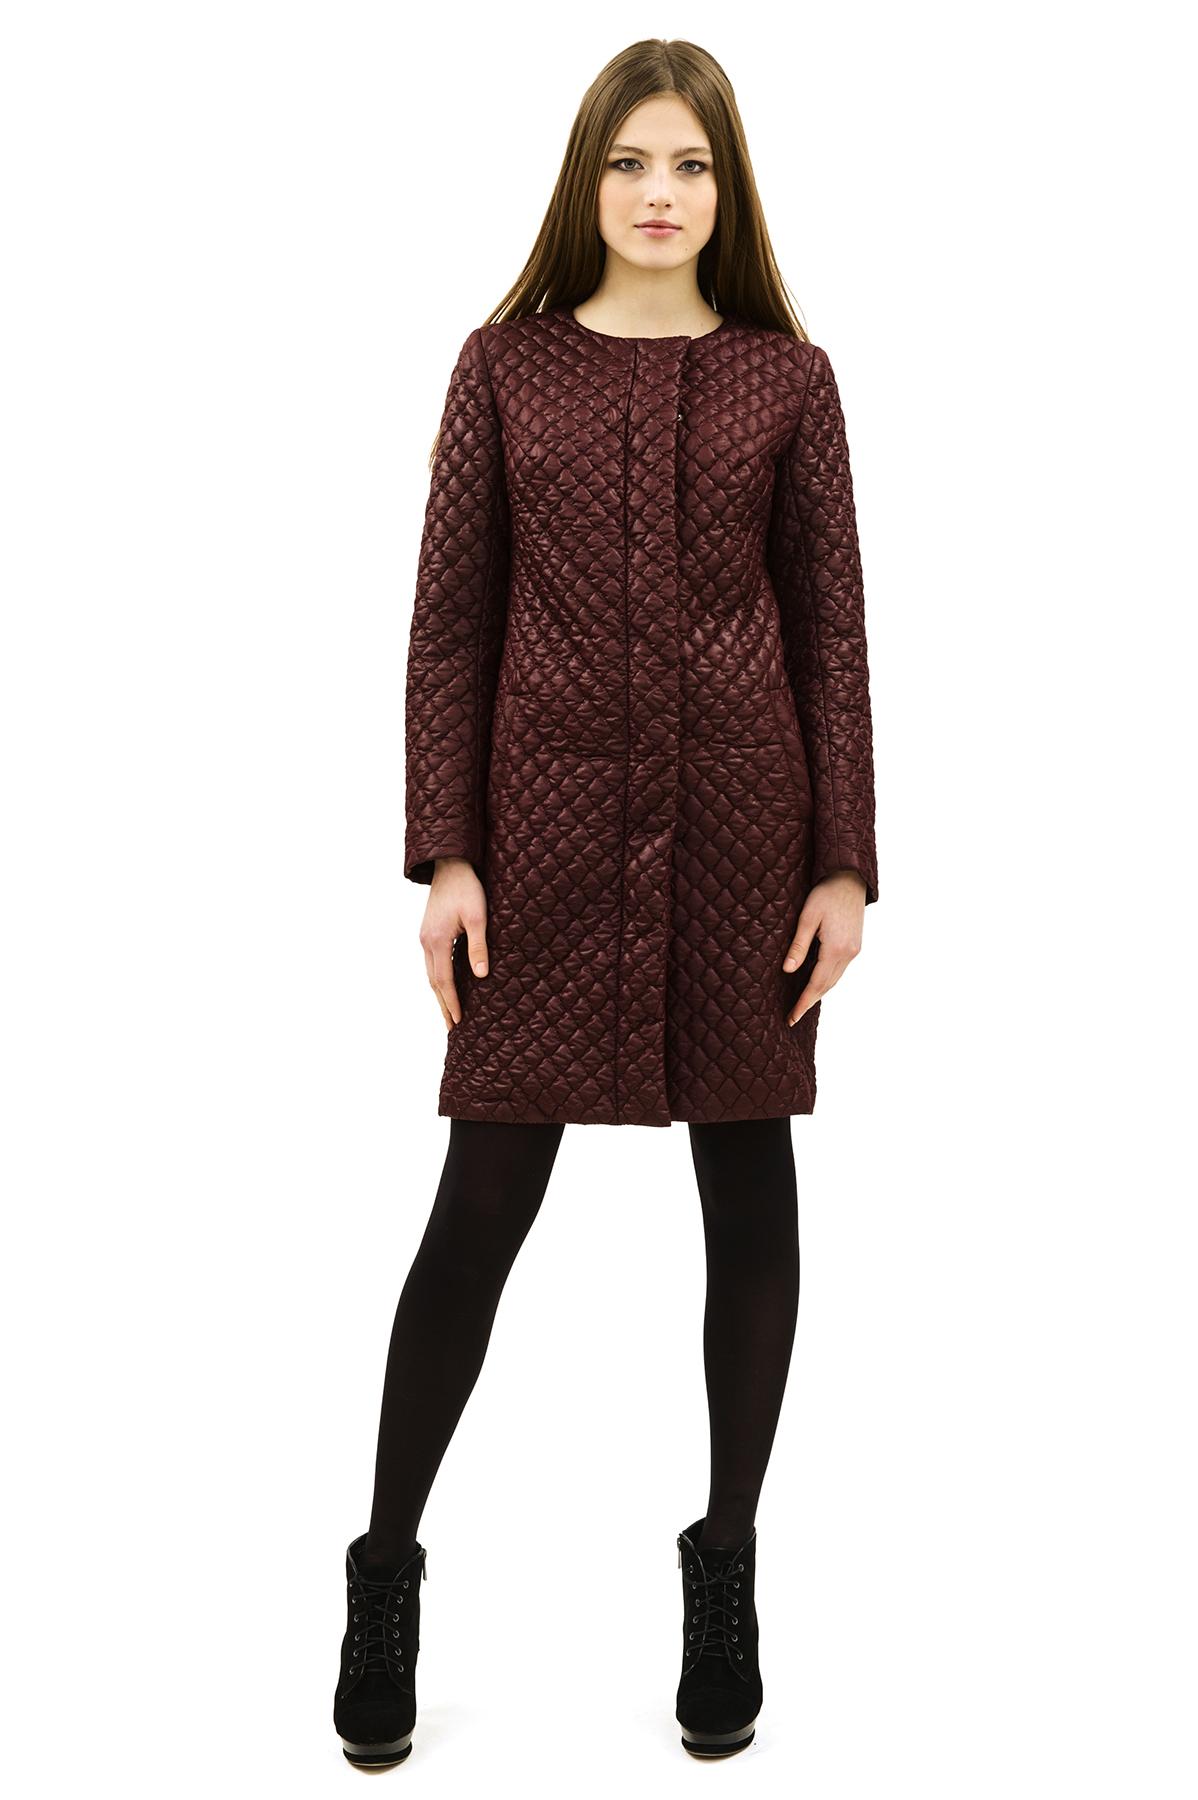 ПальтоЖенские куртки, плащи, пальто<br>Bосхитительный вариант для тех, кто предпочитает стильные решения - элегантное пальтоDoctor Eсдержанного модного дизайна, который подчеркнет Ваш безупречный вкус.<br><br>Цвет: бордовый<br>Состав: 100% полиэстер, подкладка- 100% полиэстер<br>Размер: 40,42,44,46,50,52,54,58,60<br>Страна дизайна: Россия<br>Страна производства: Россия